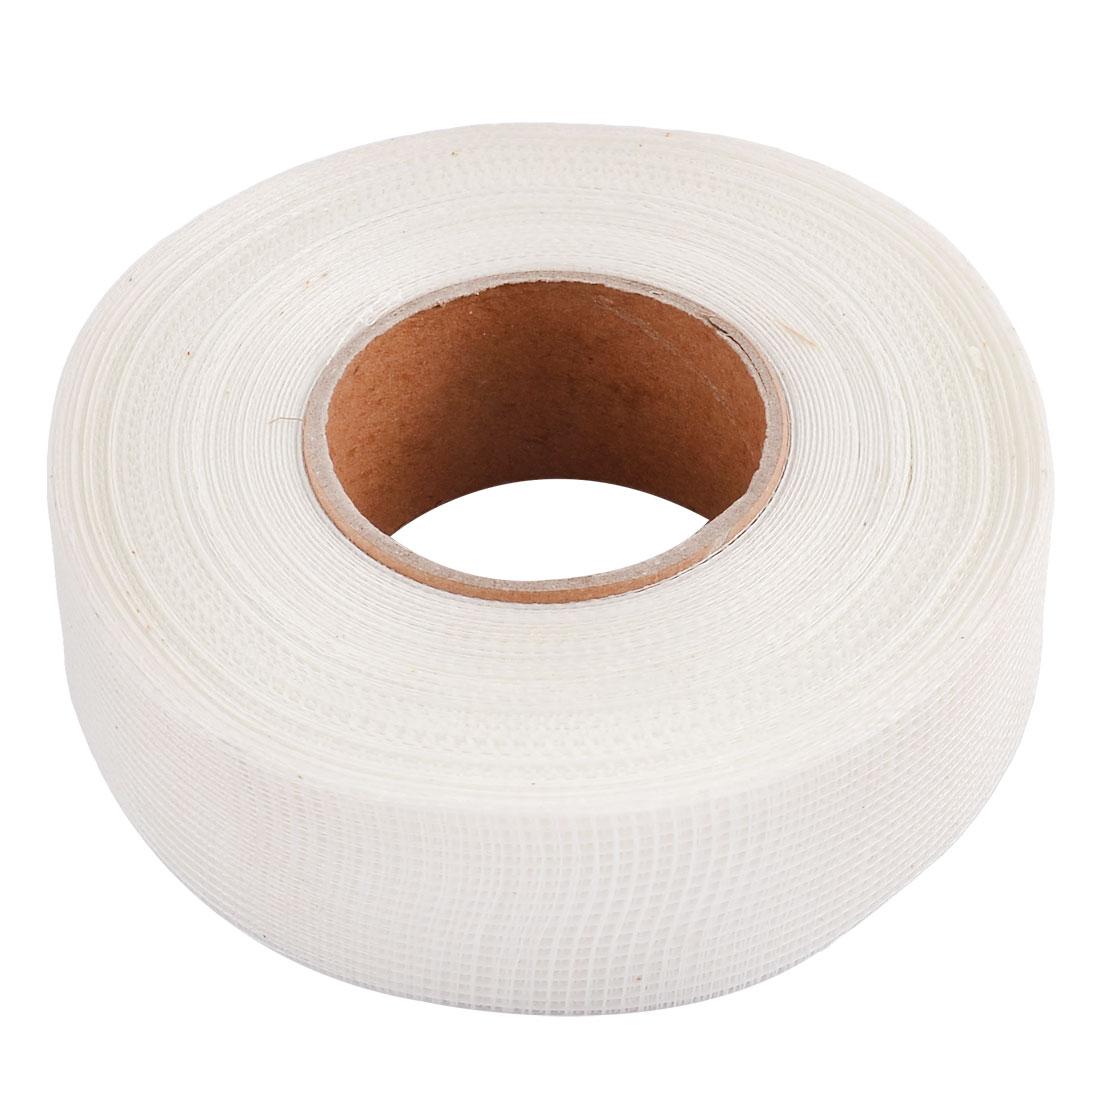 Sheetrock Drywall Fiberglass Cloth Wall Repair Fabric Mesh Joint Tape Roll